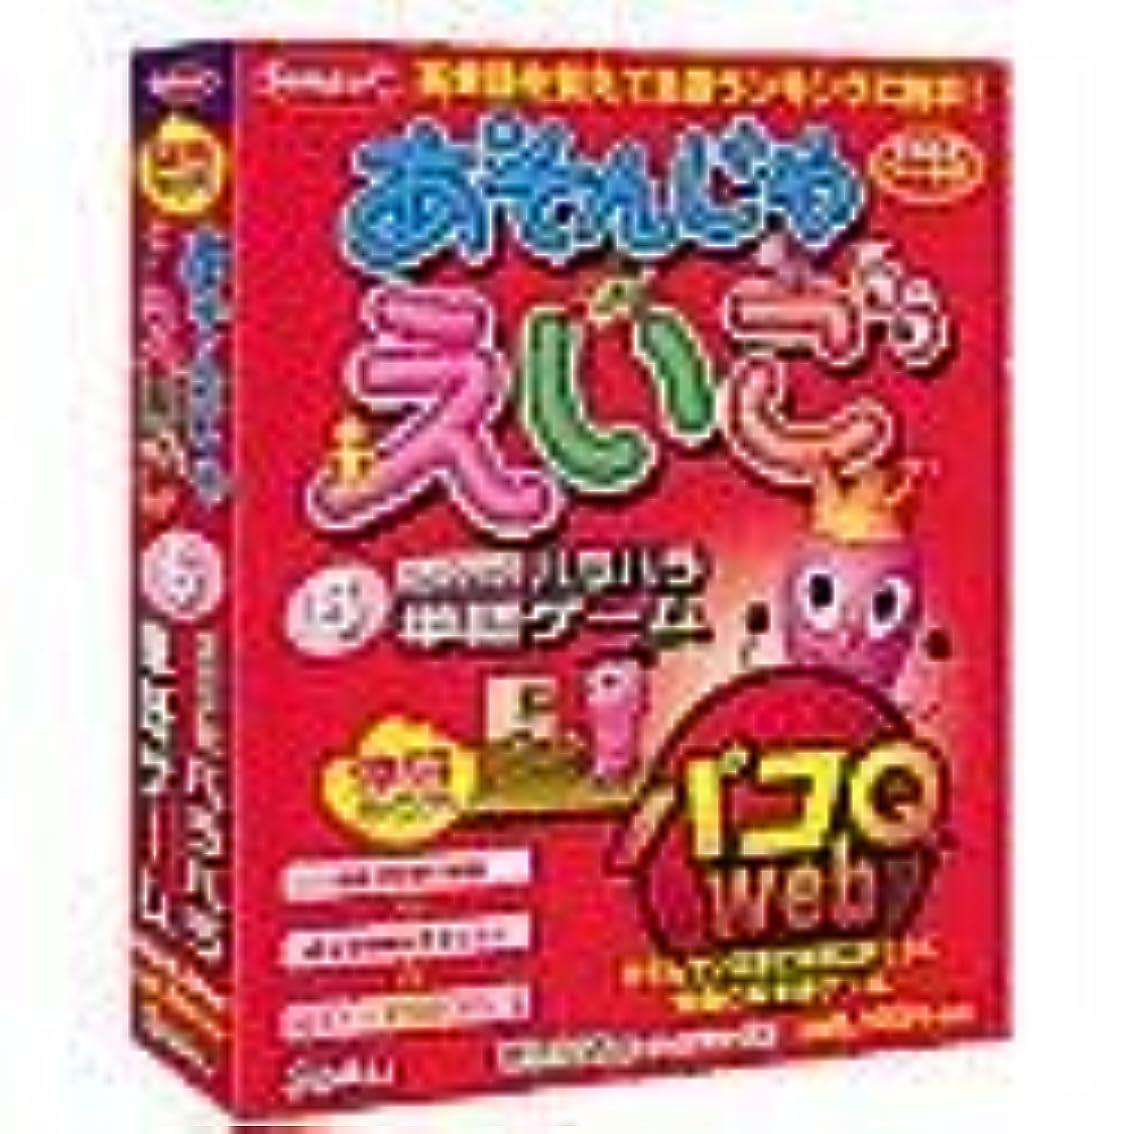 元気蒸気リードあそんじゃえいご 6 クイズ&ネット ハラハラ単語ゲーム